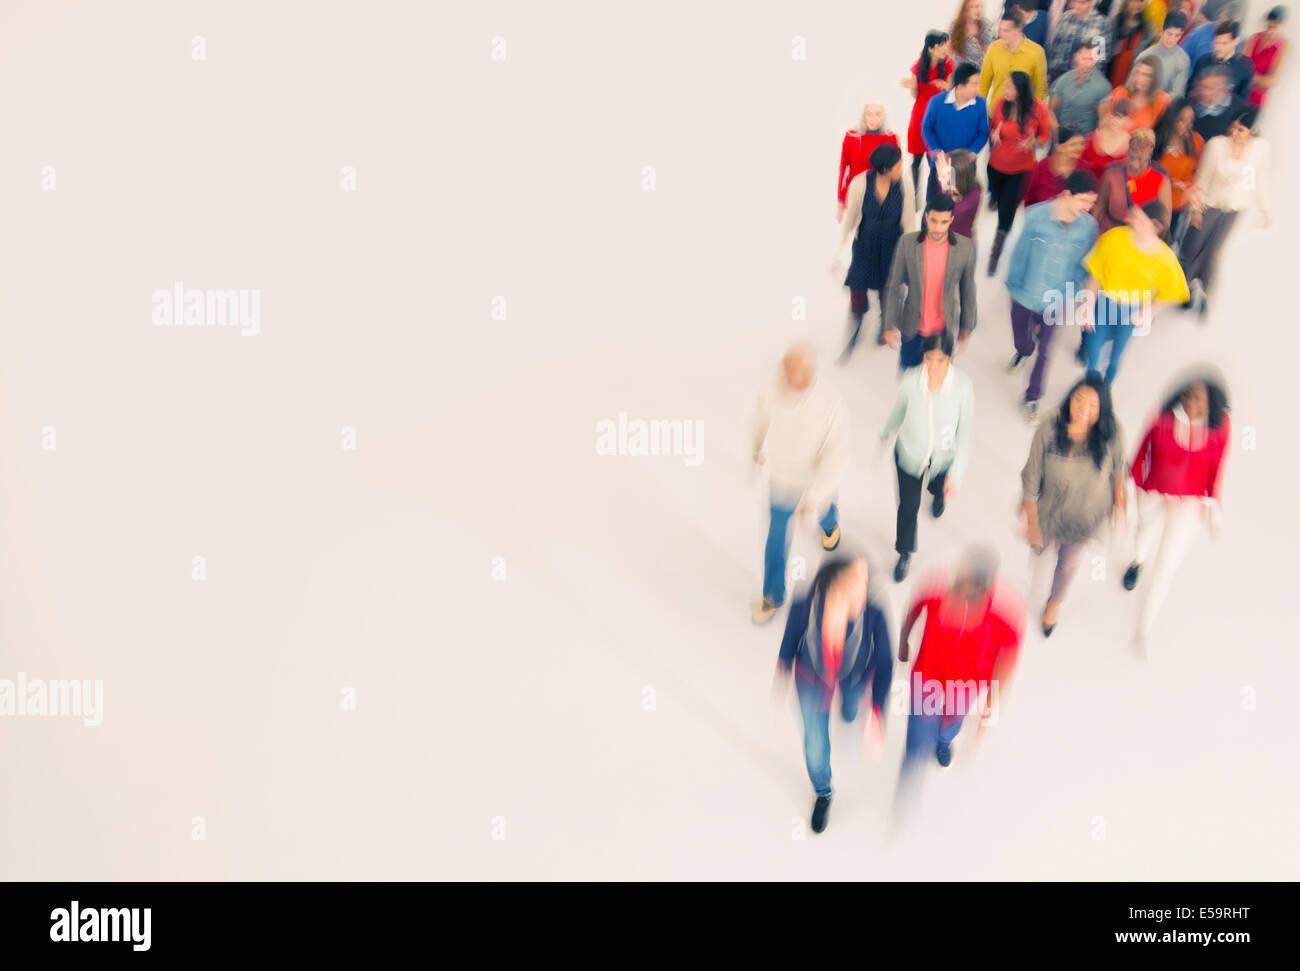 Crowd walking - Stock Image